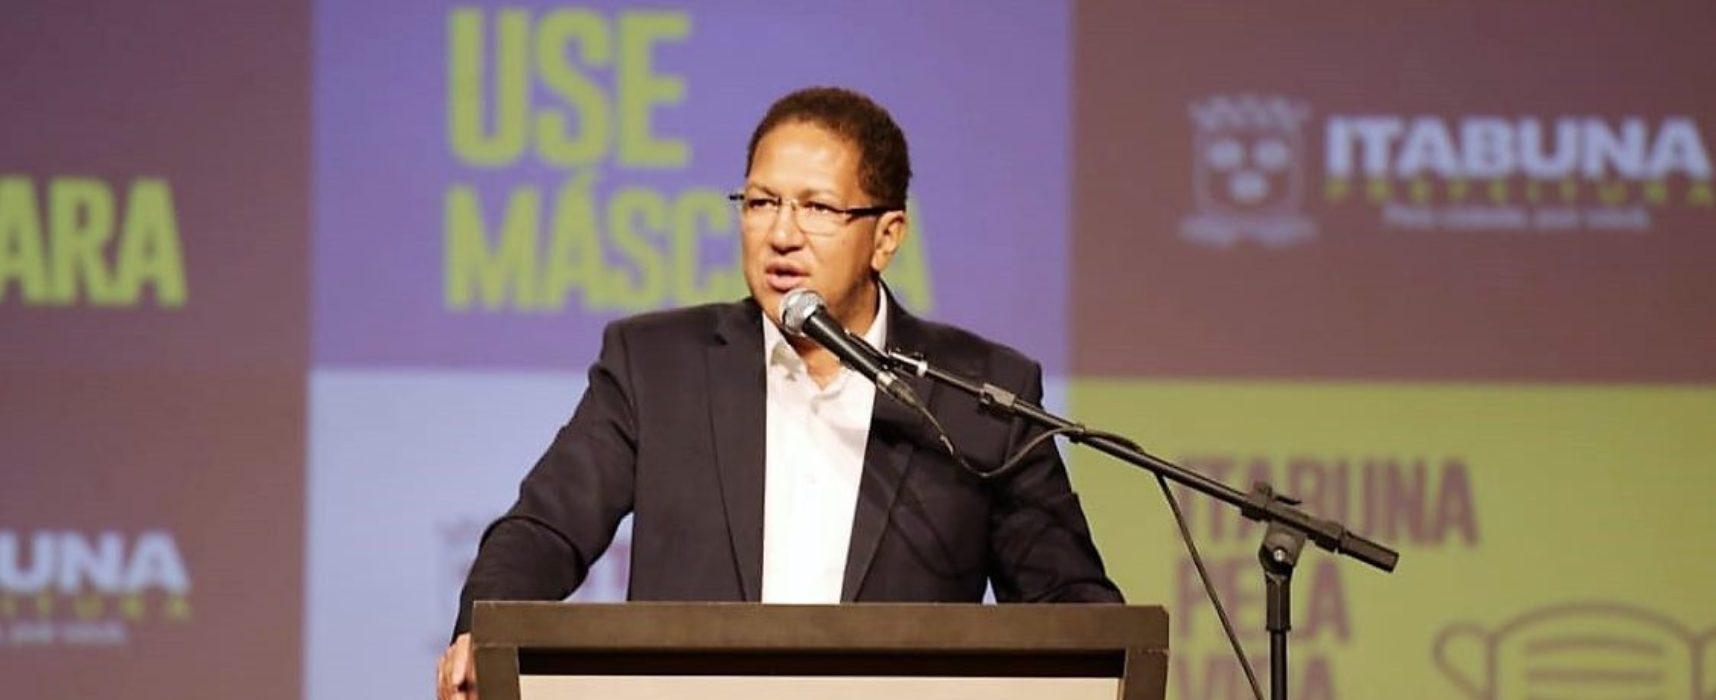 Itabuna vai ganhar Central de Distribuição, diz Augusto Castro em coletiva de imprensa